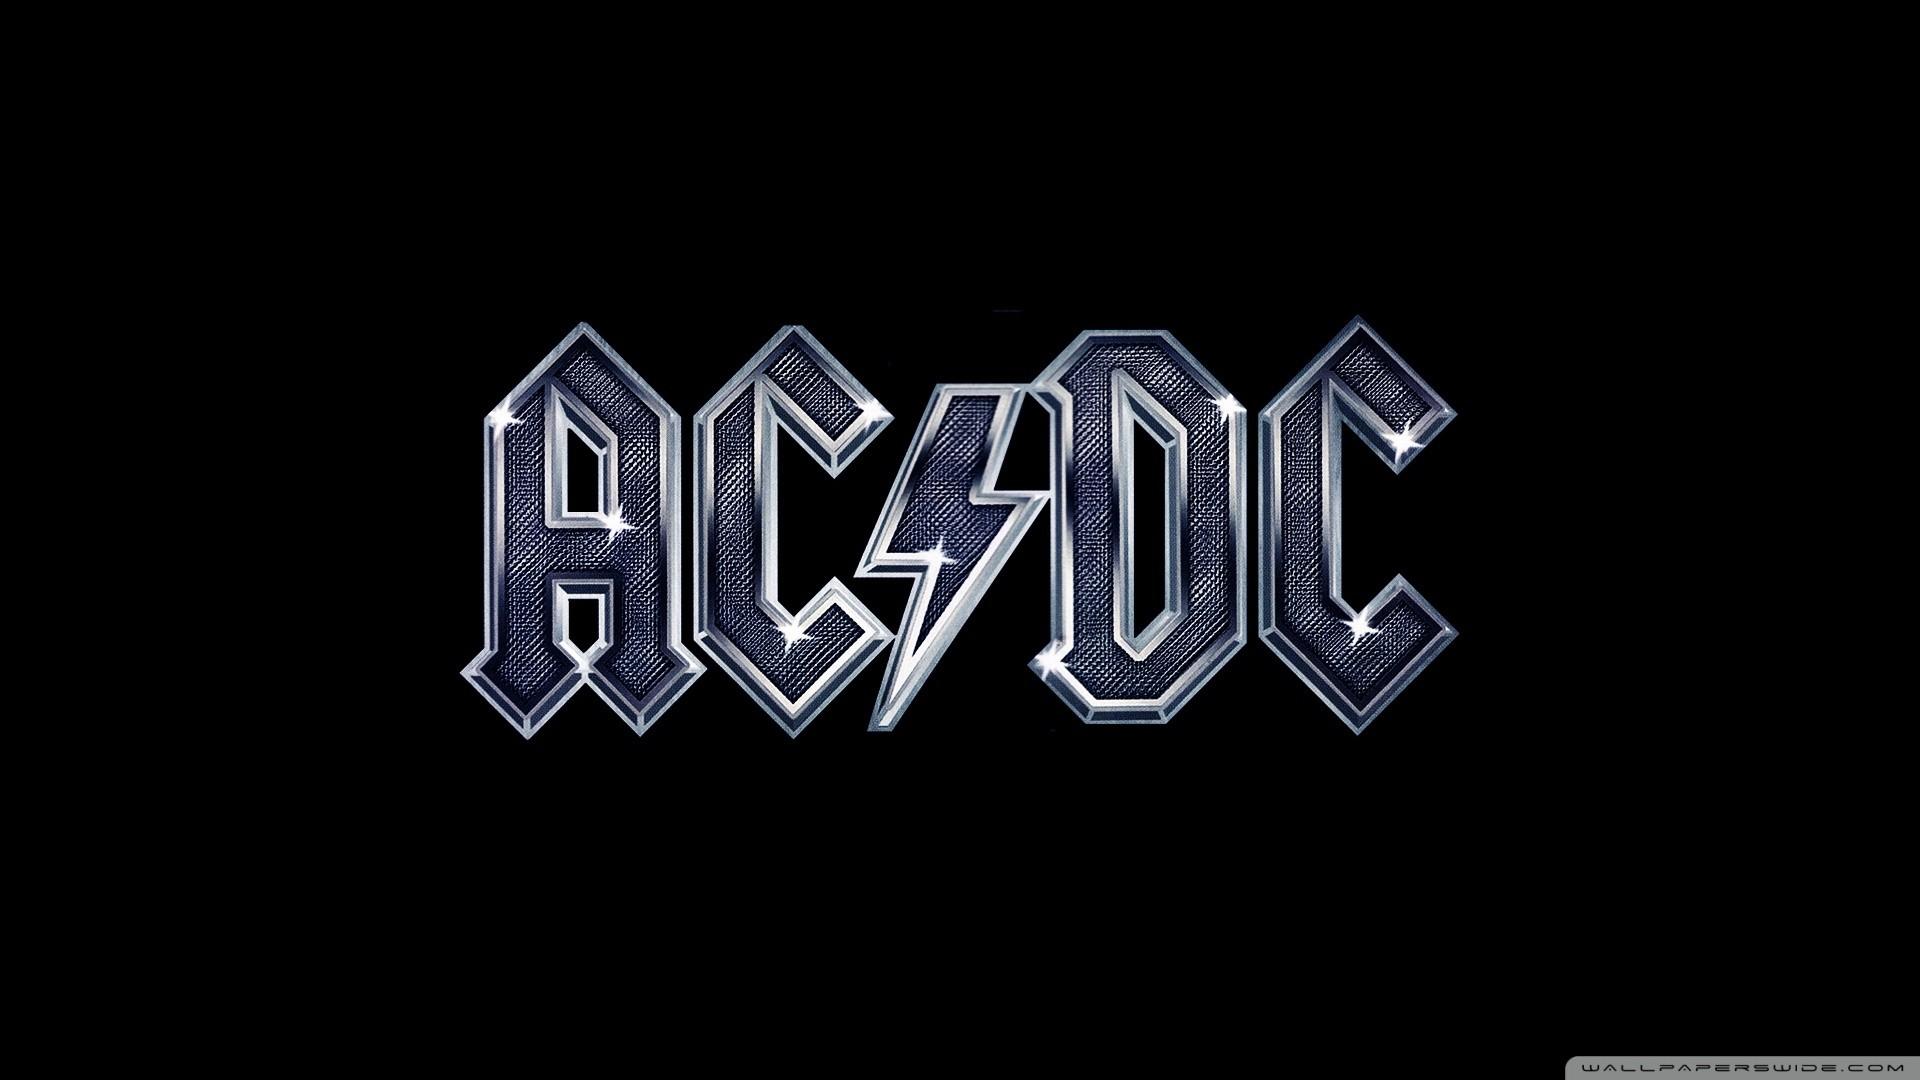 rock music wallpaper 1920x1080